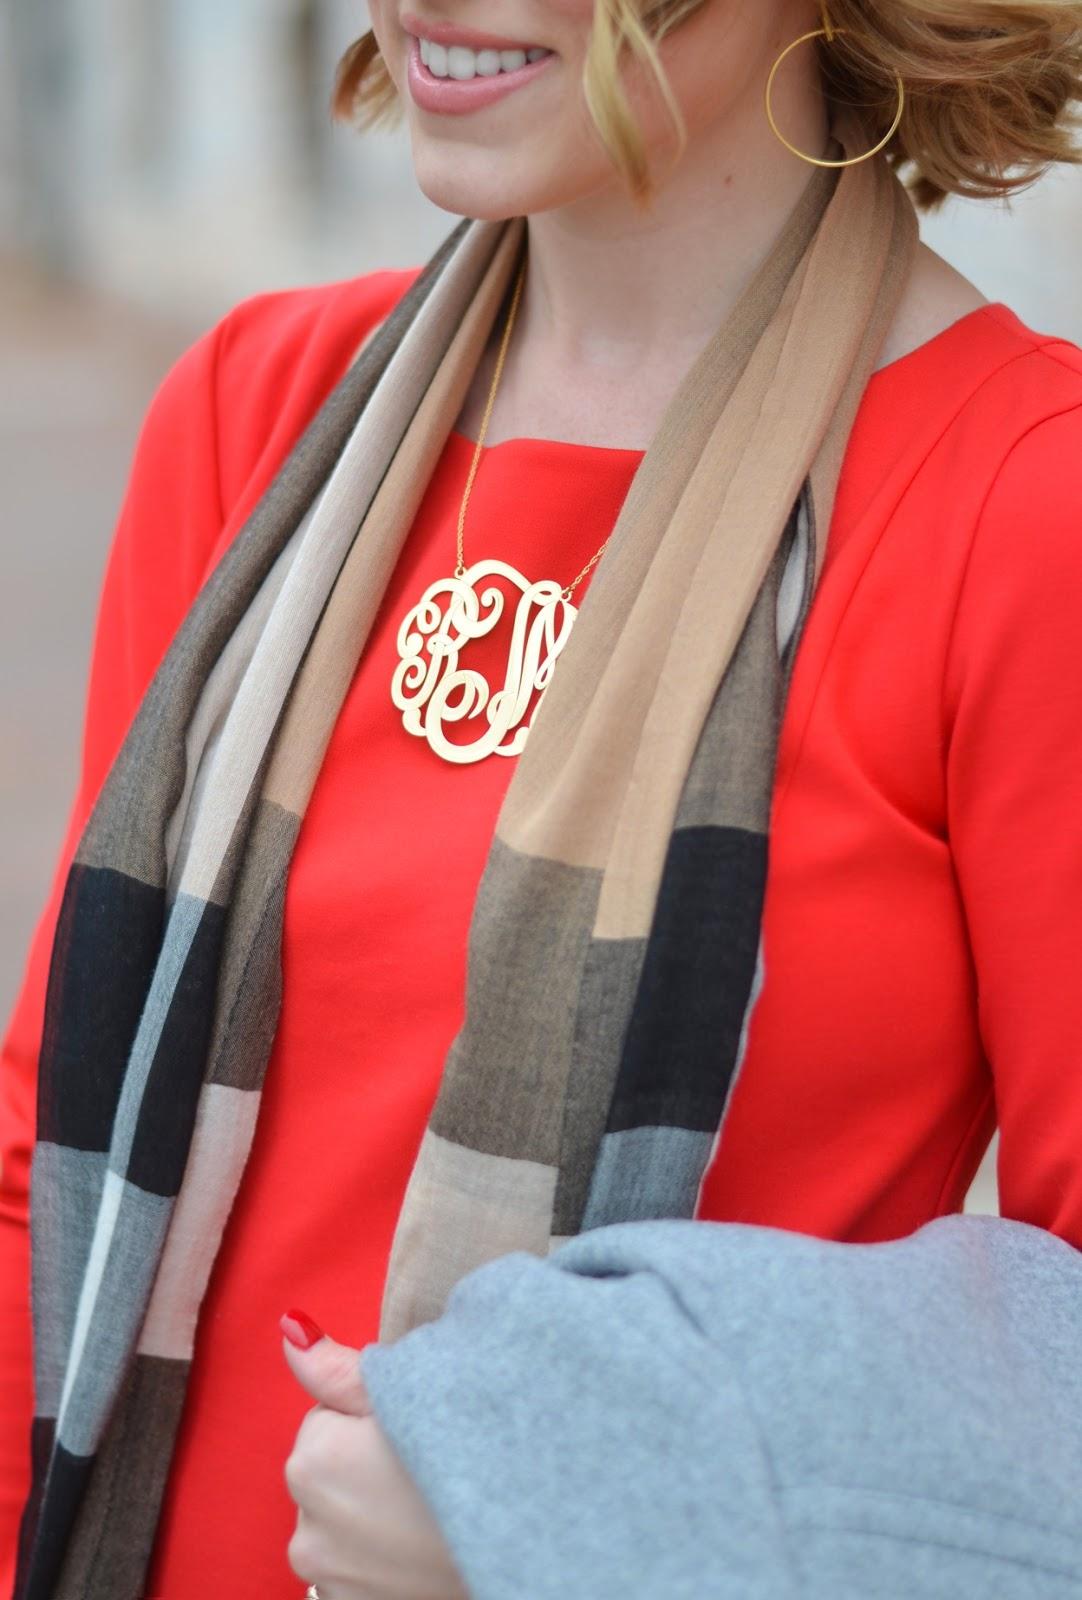 Large Monogram Necklace - Something Delightful Blog